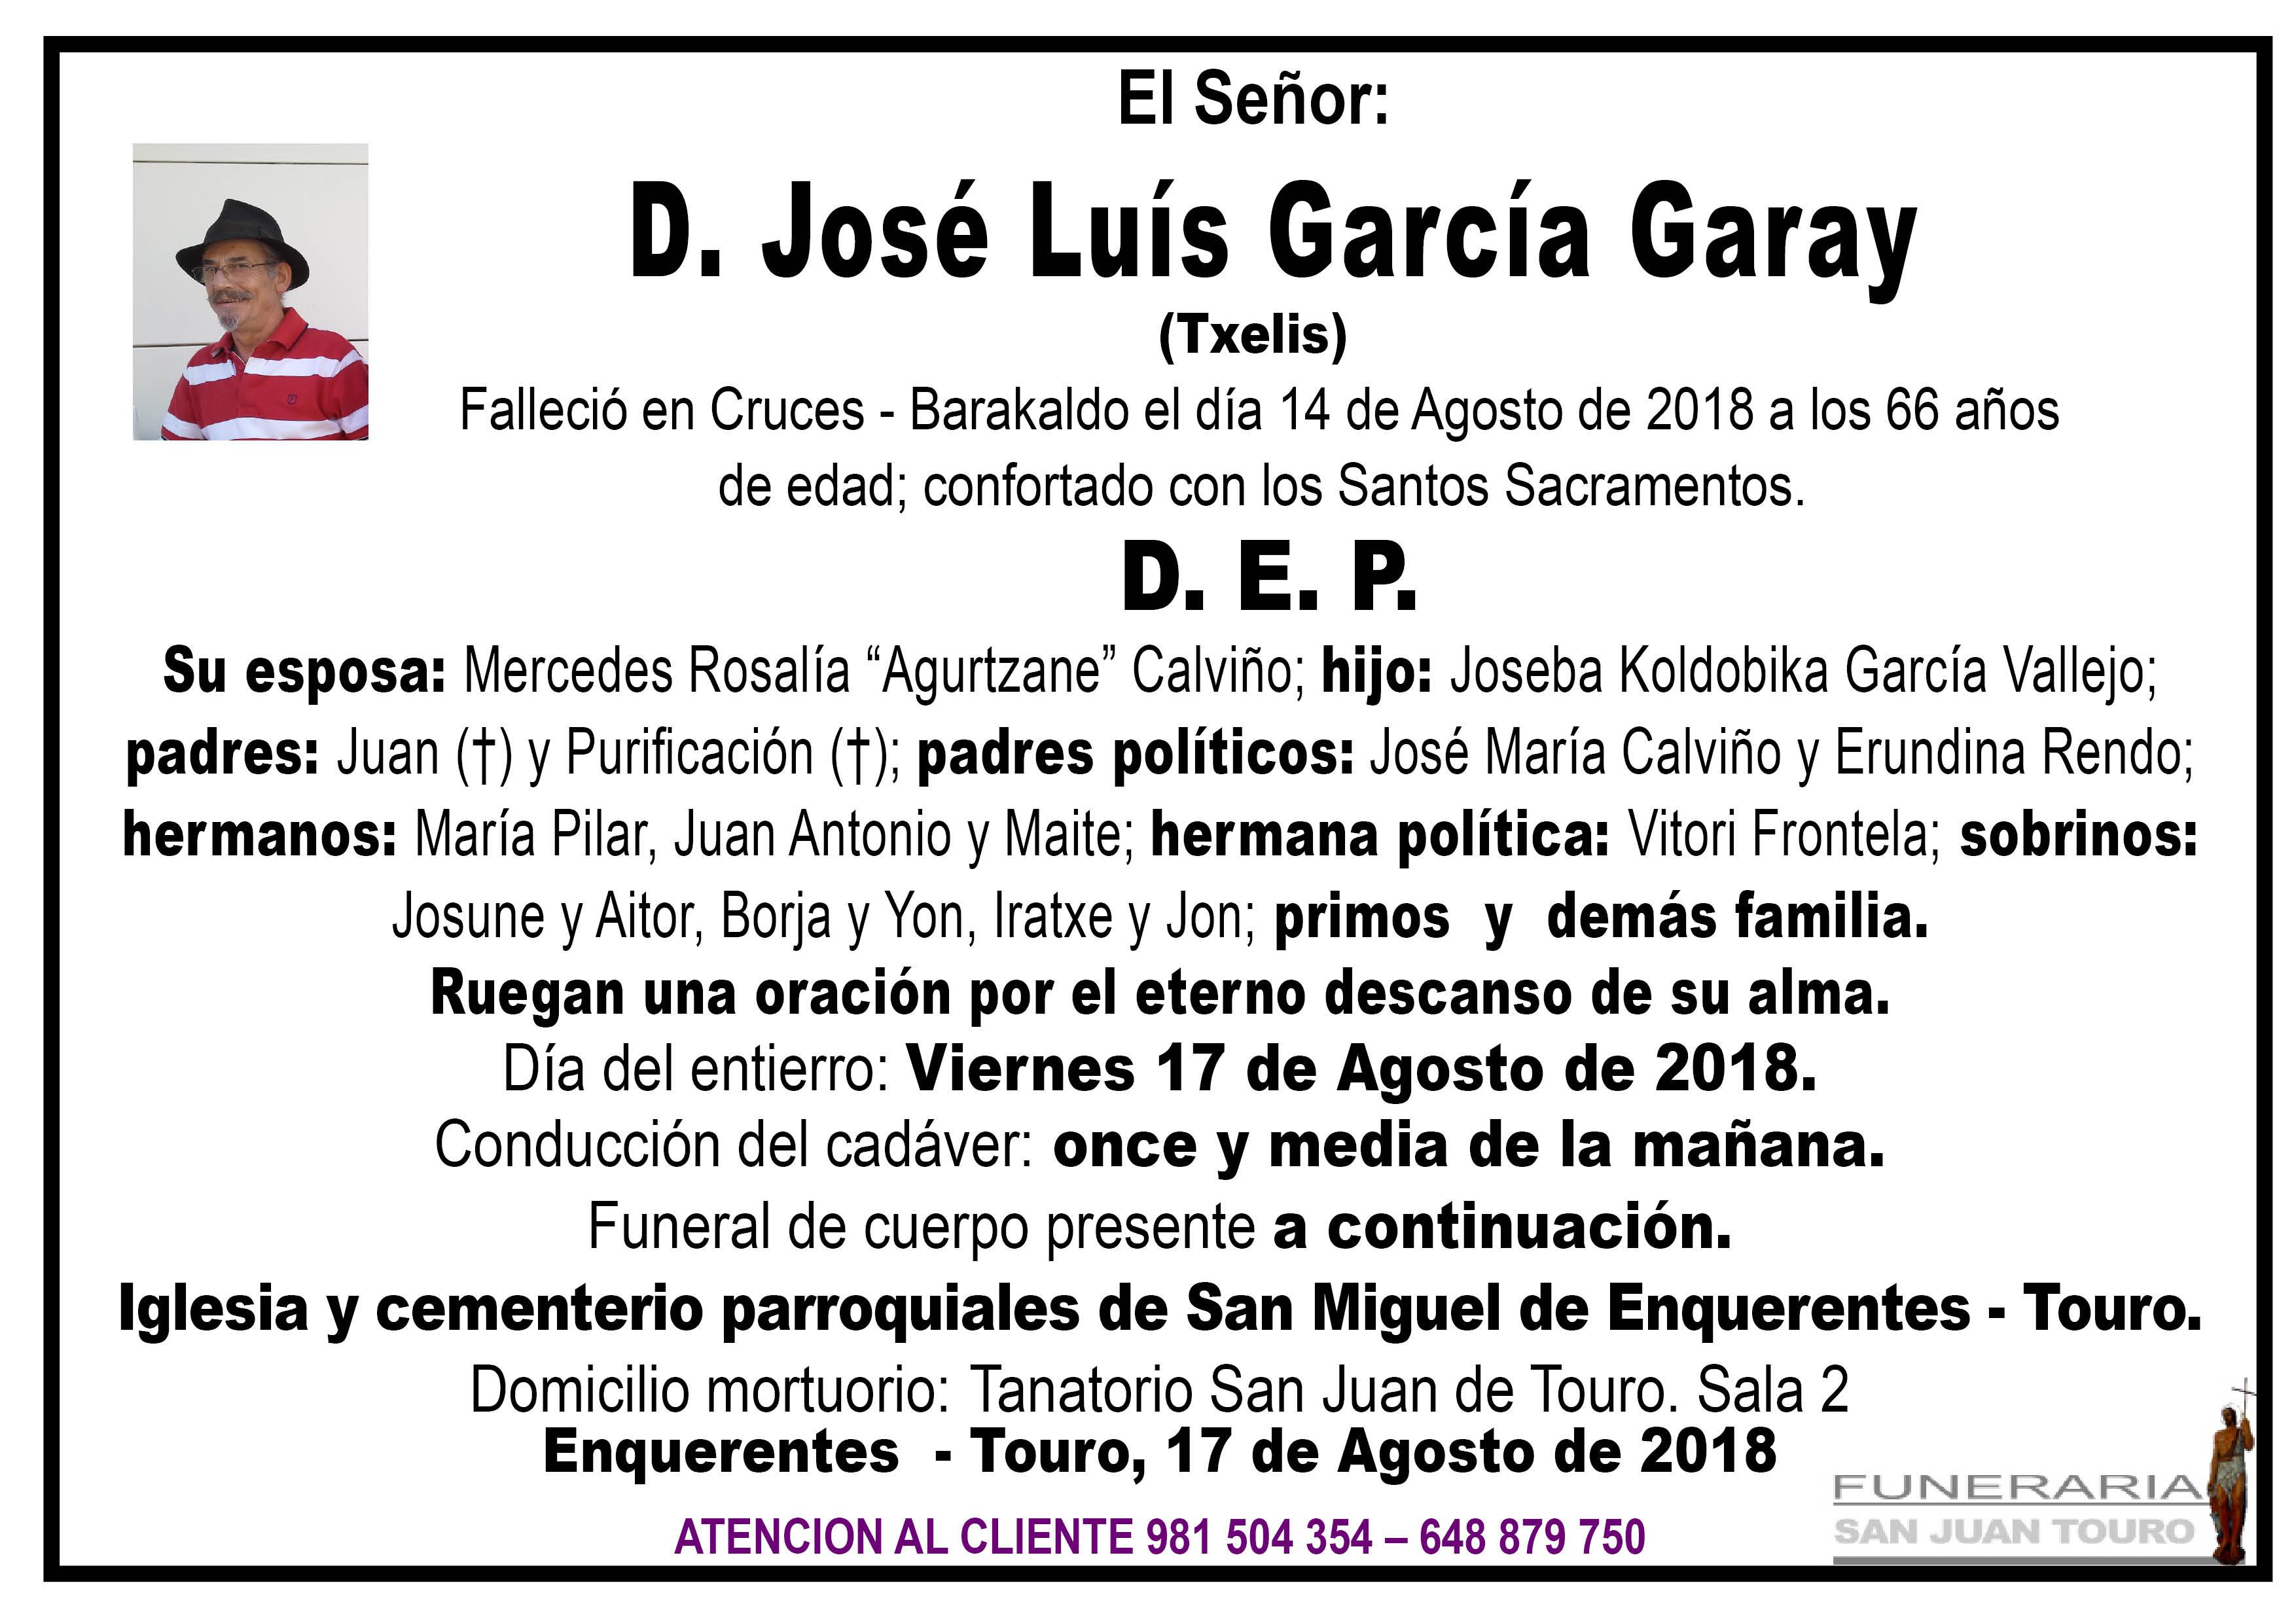 Esquela de SEPELIO DE DON JOSÉ LUIS GARCÍA GARAY